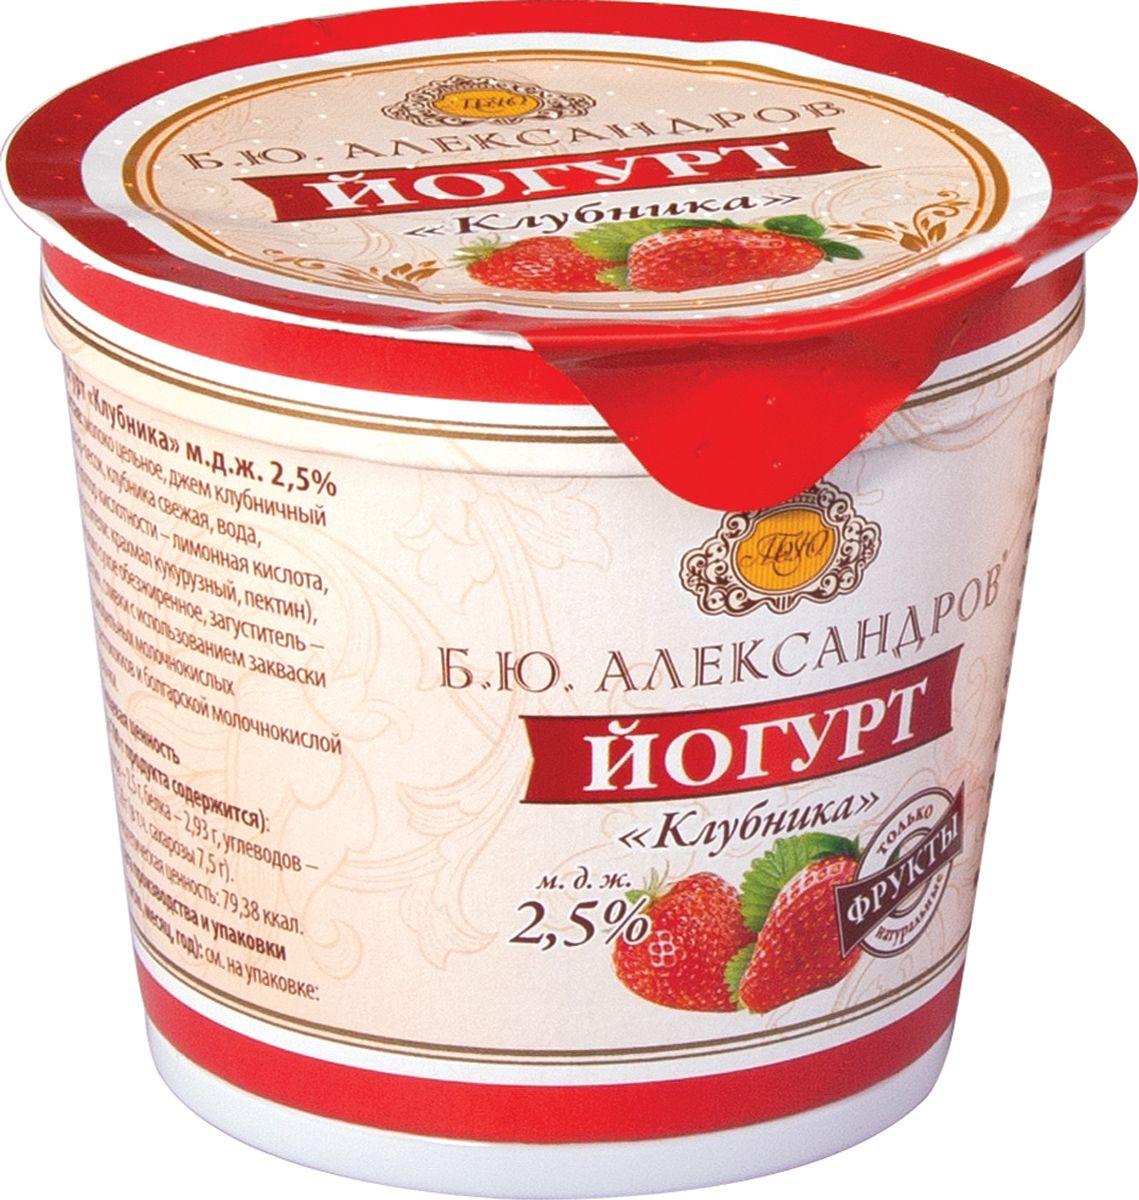 Б.Ю.Александров Йогурт Клубника 2,5%, 125 г советские традиции йогурт клубника 2 5% 125 г